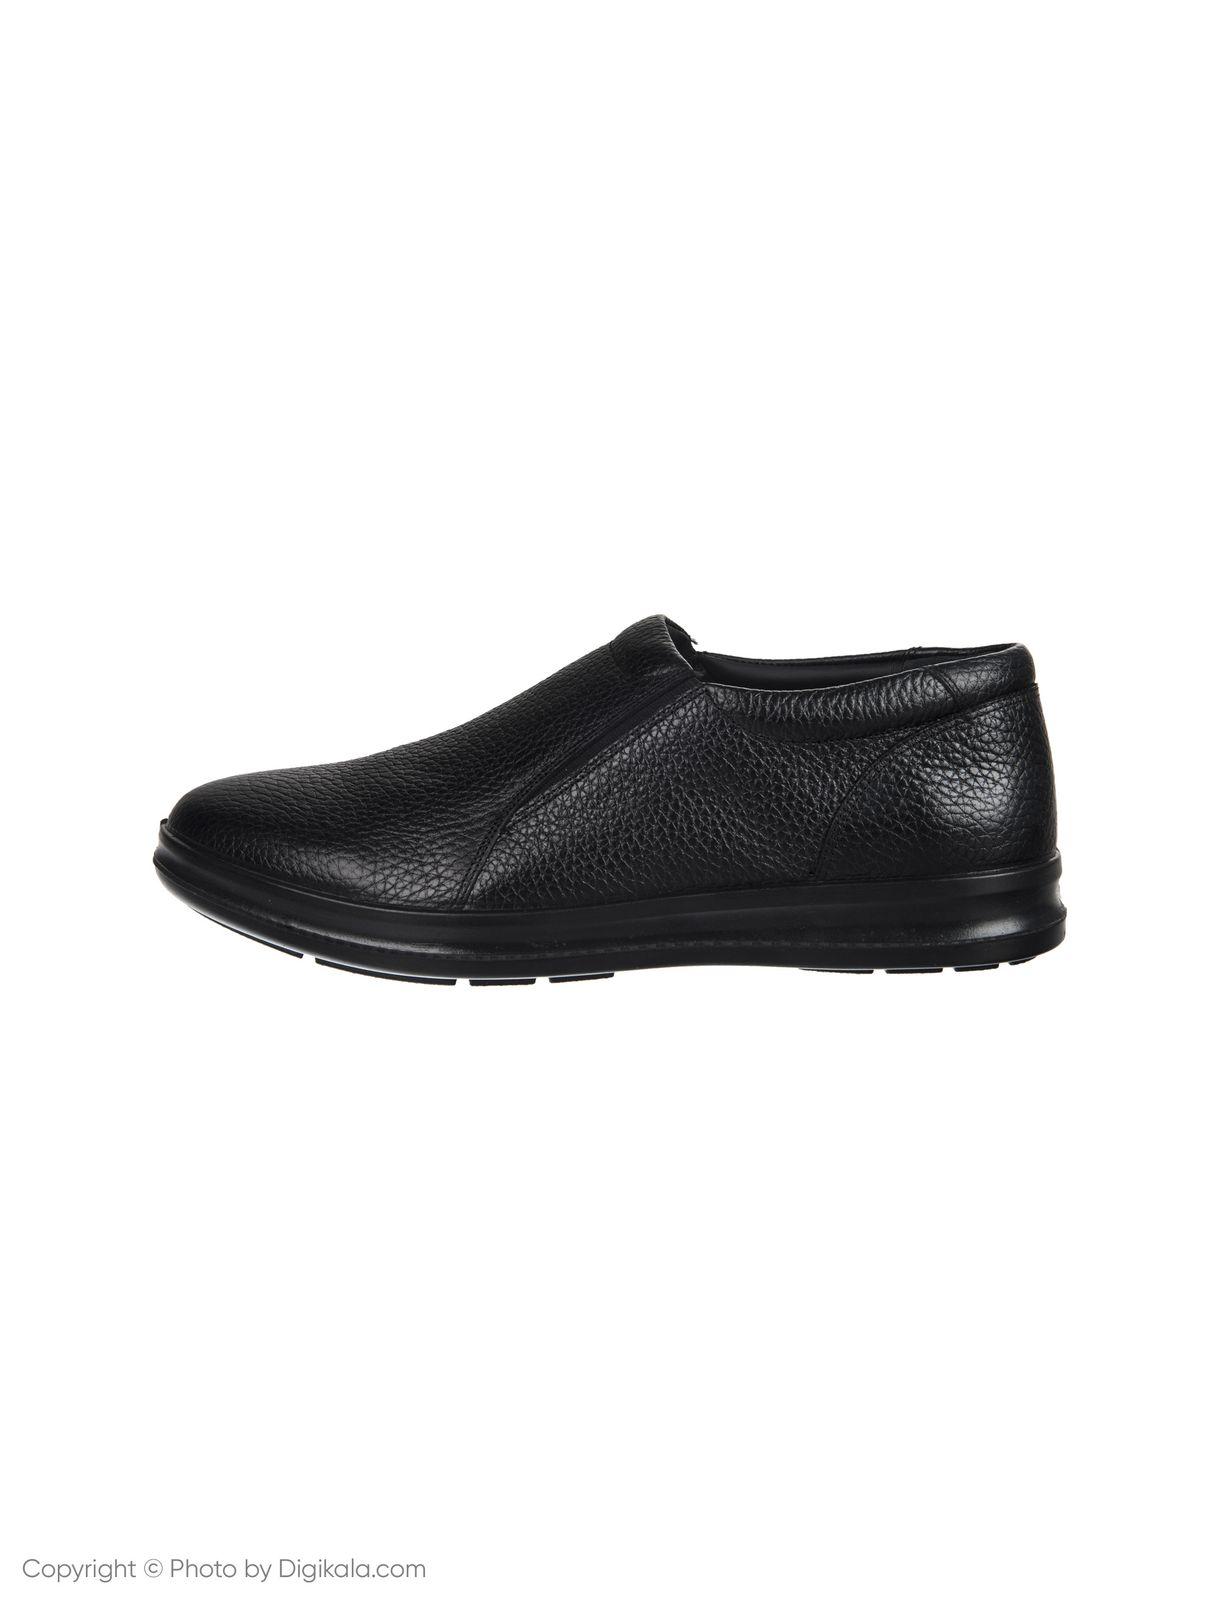 کفش مردانه دنیلی مدل 113110241002  Daniellee 113110241002 Shoes For Men